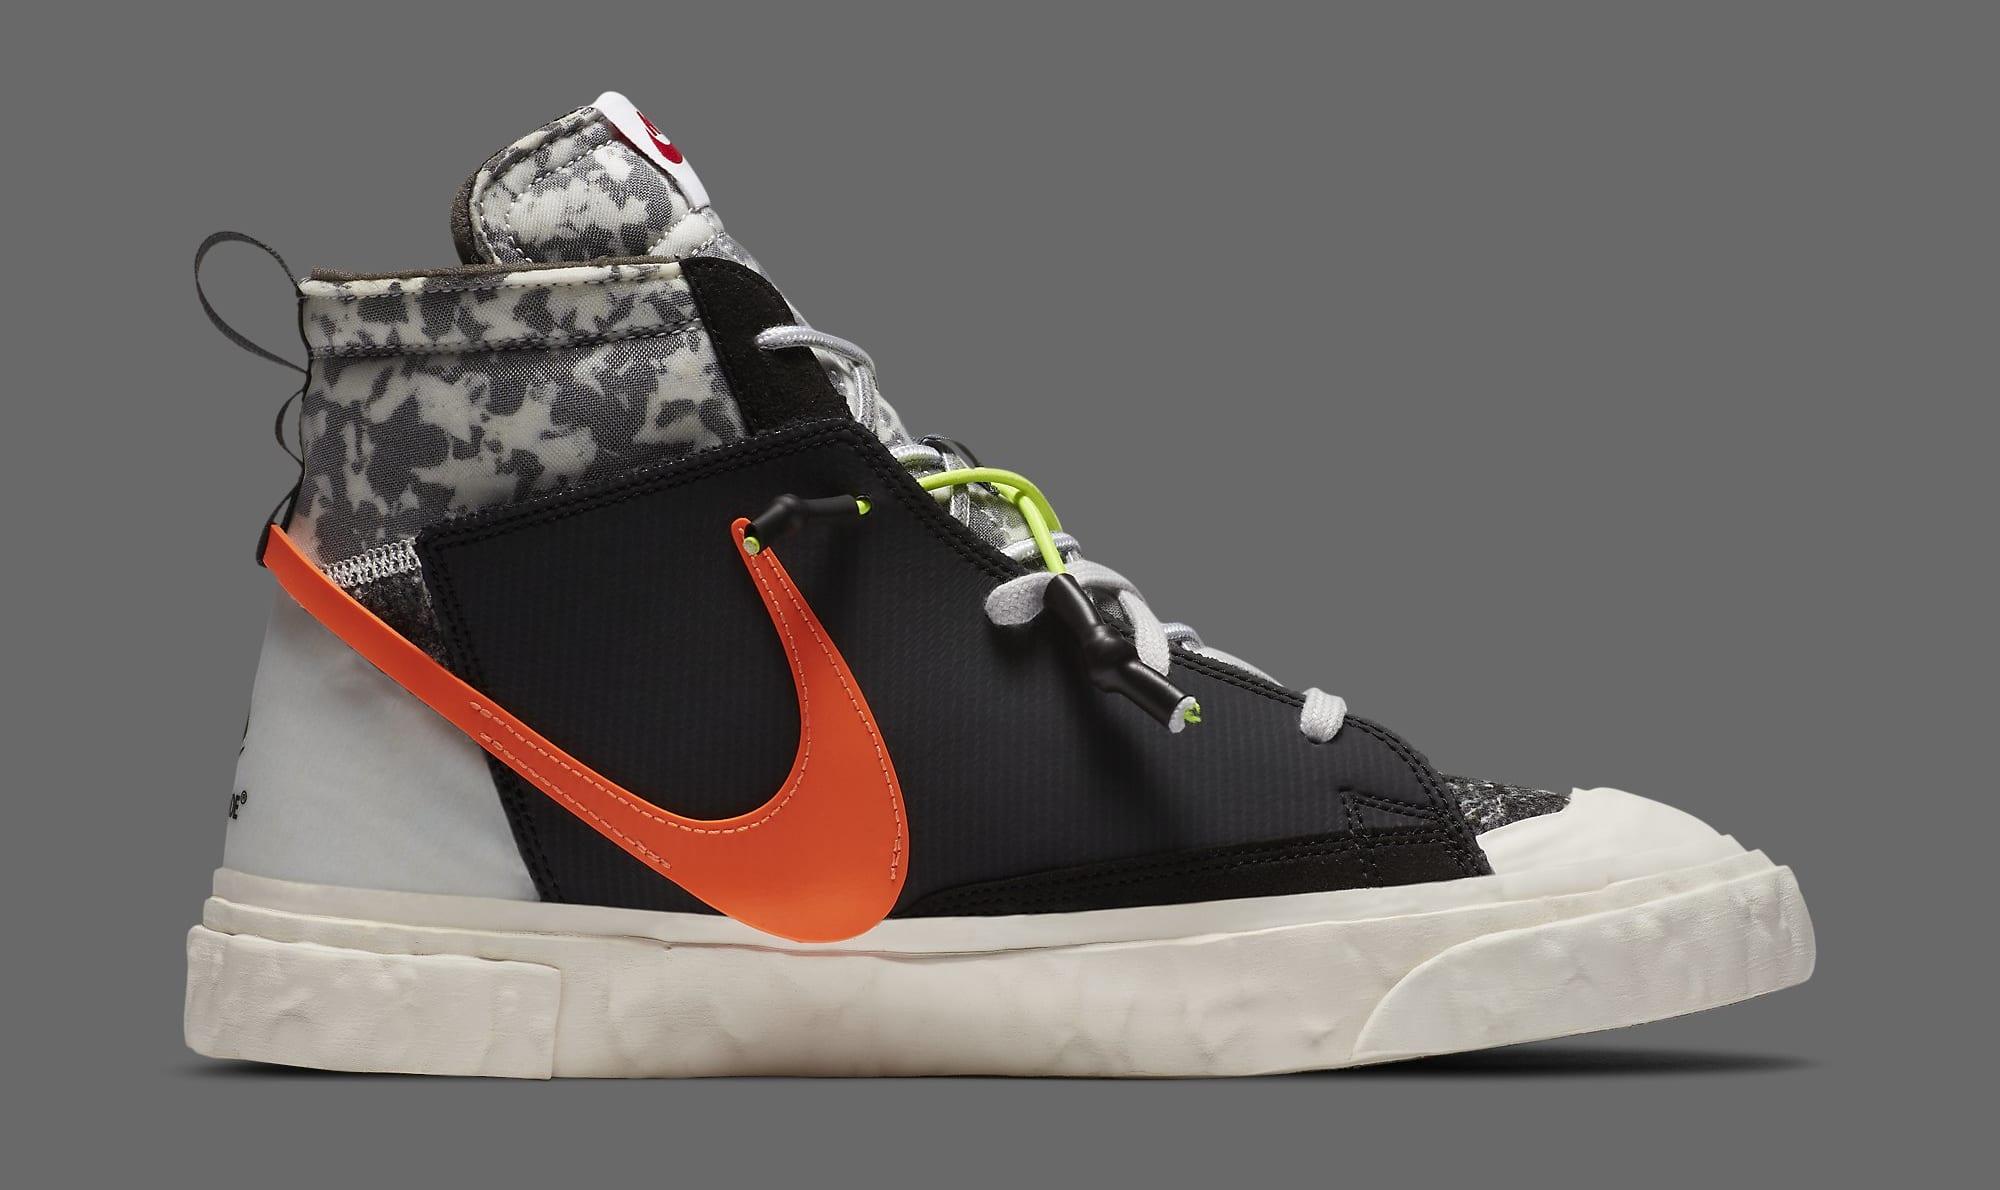 Readymade x Nike Blazer Mid CZ3589-001 Medial